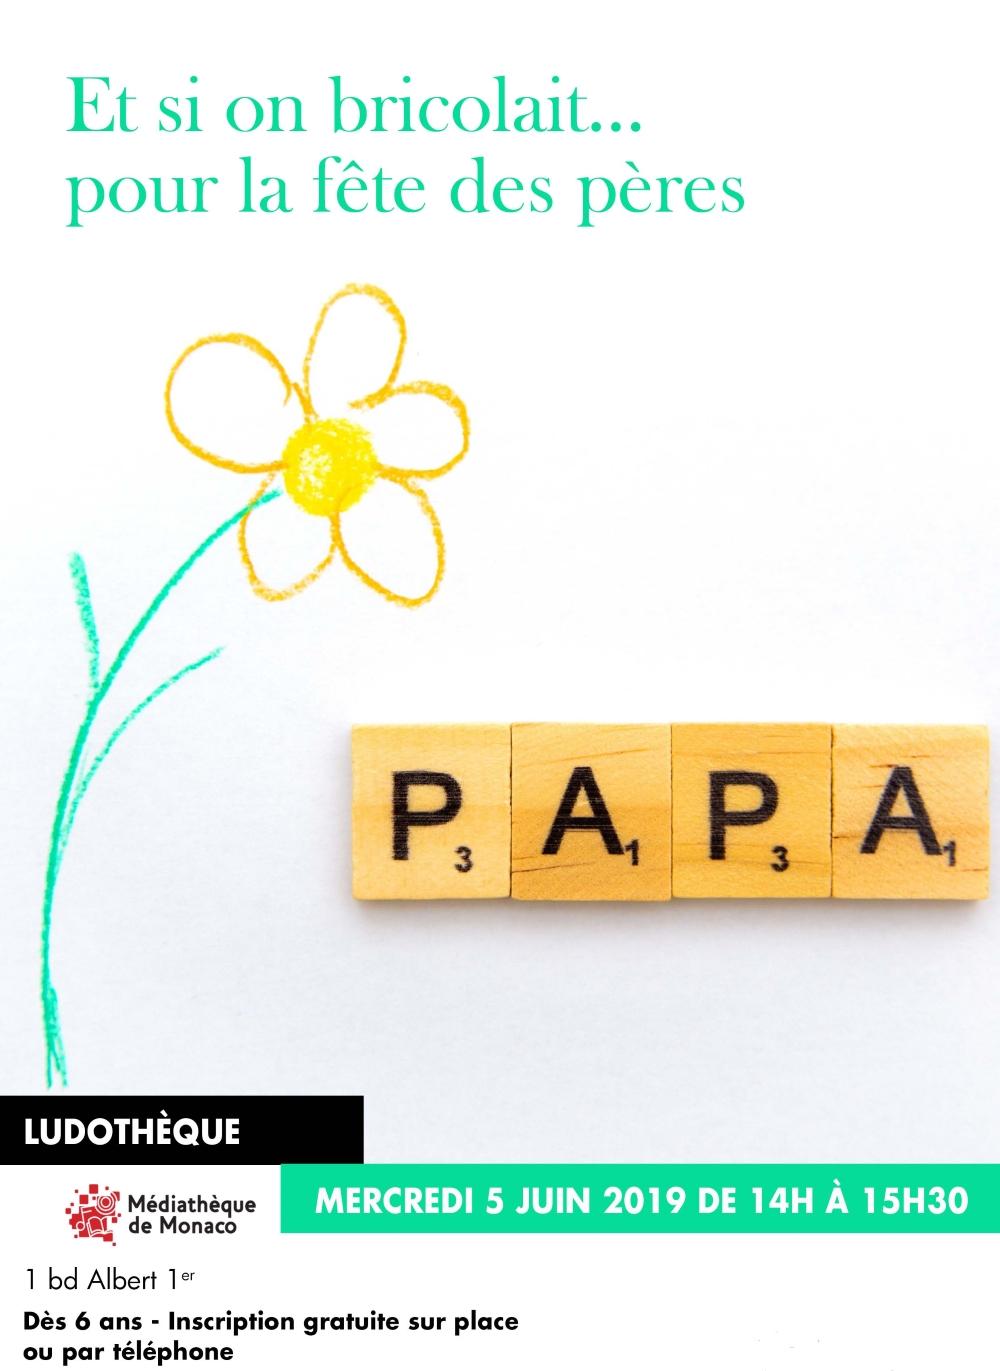 Et si on bricolait pour la fête des pères - Mercredi 5 juin 2019 de 14h à 15h30 - Ludothèque